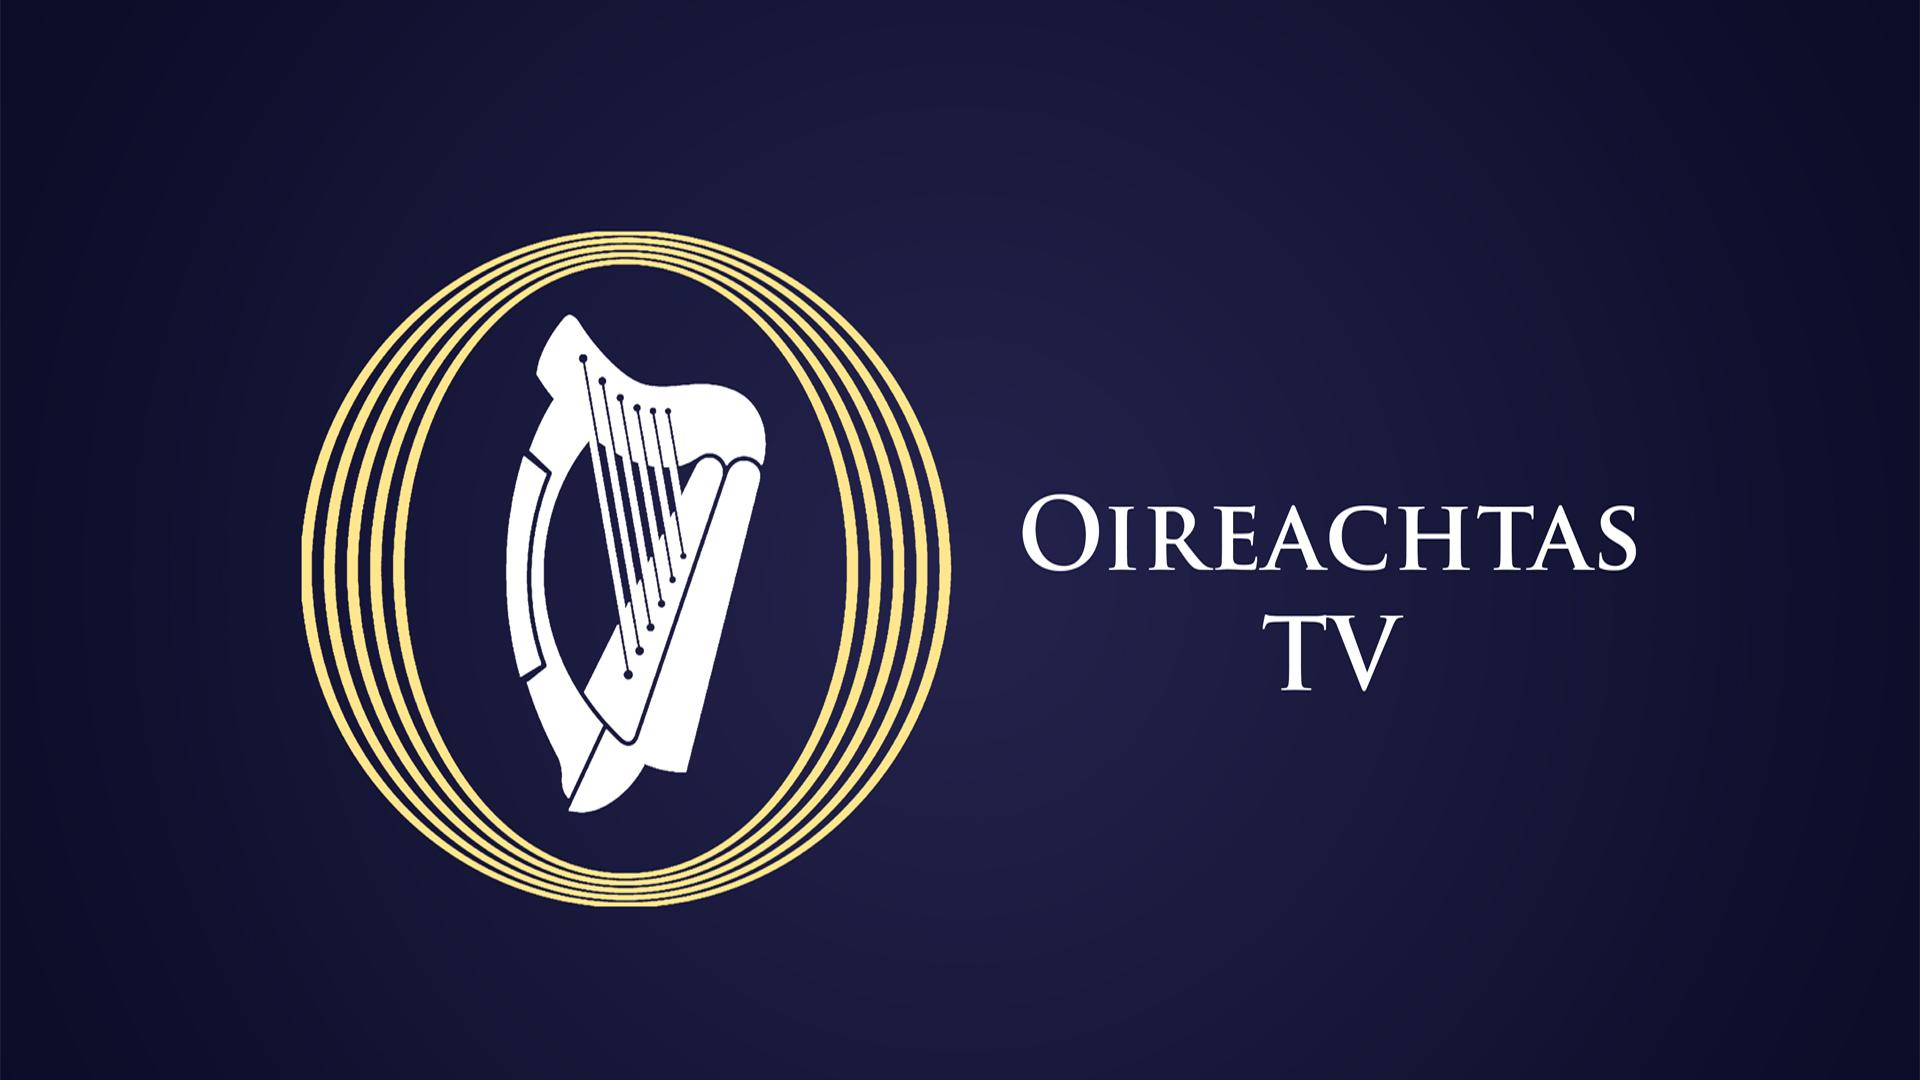 Oireachtas TV – Houses of the Oireachtas